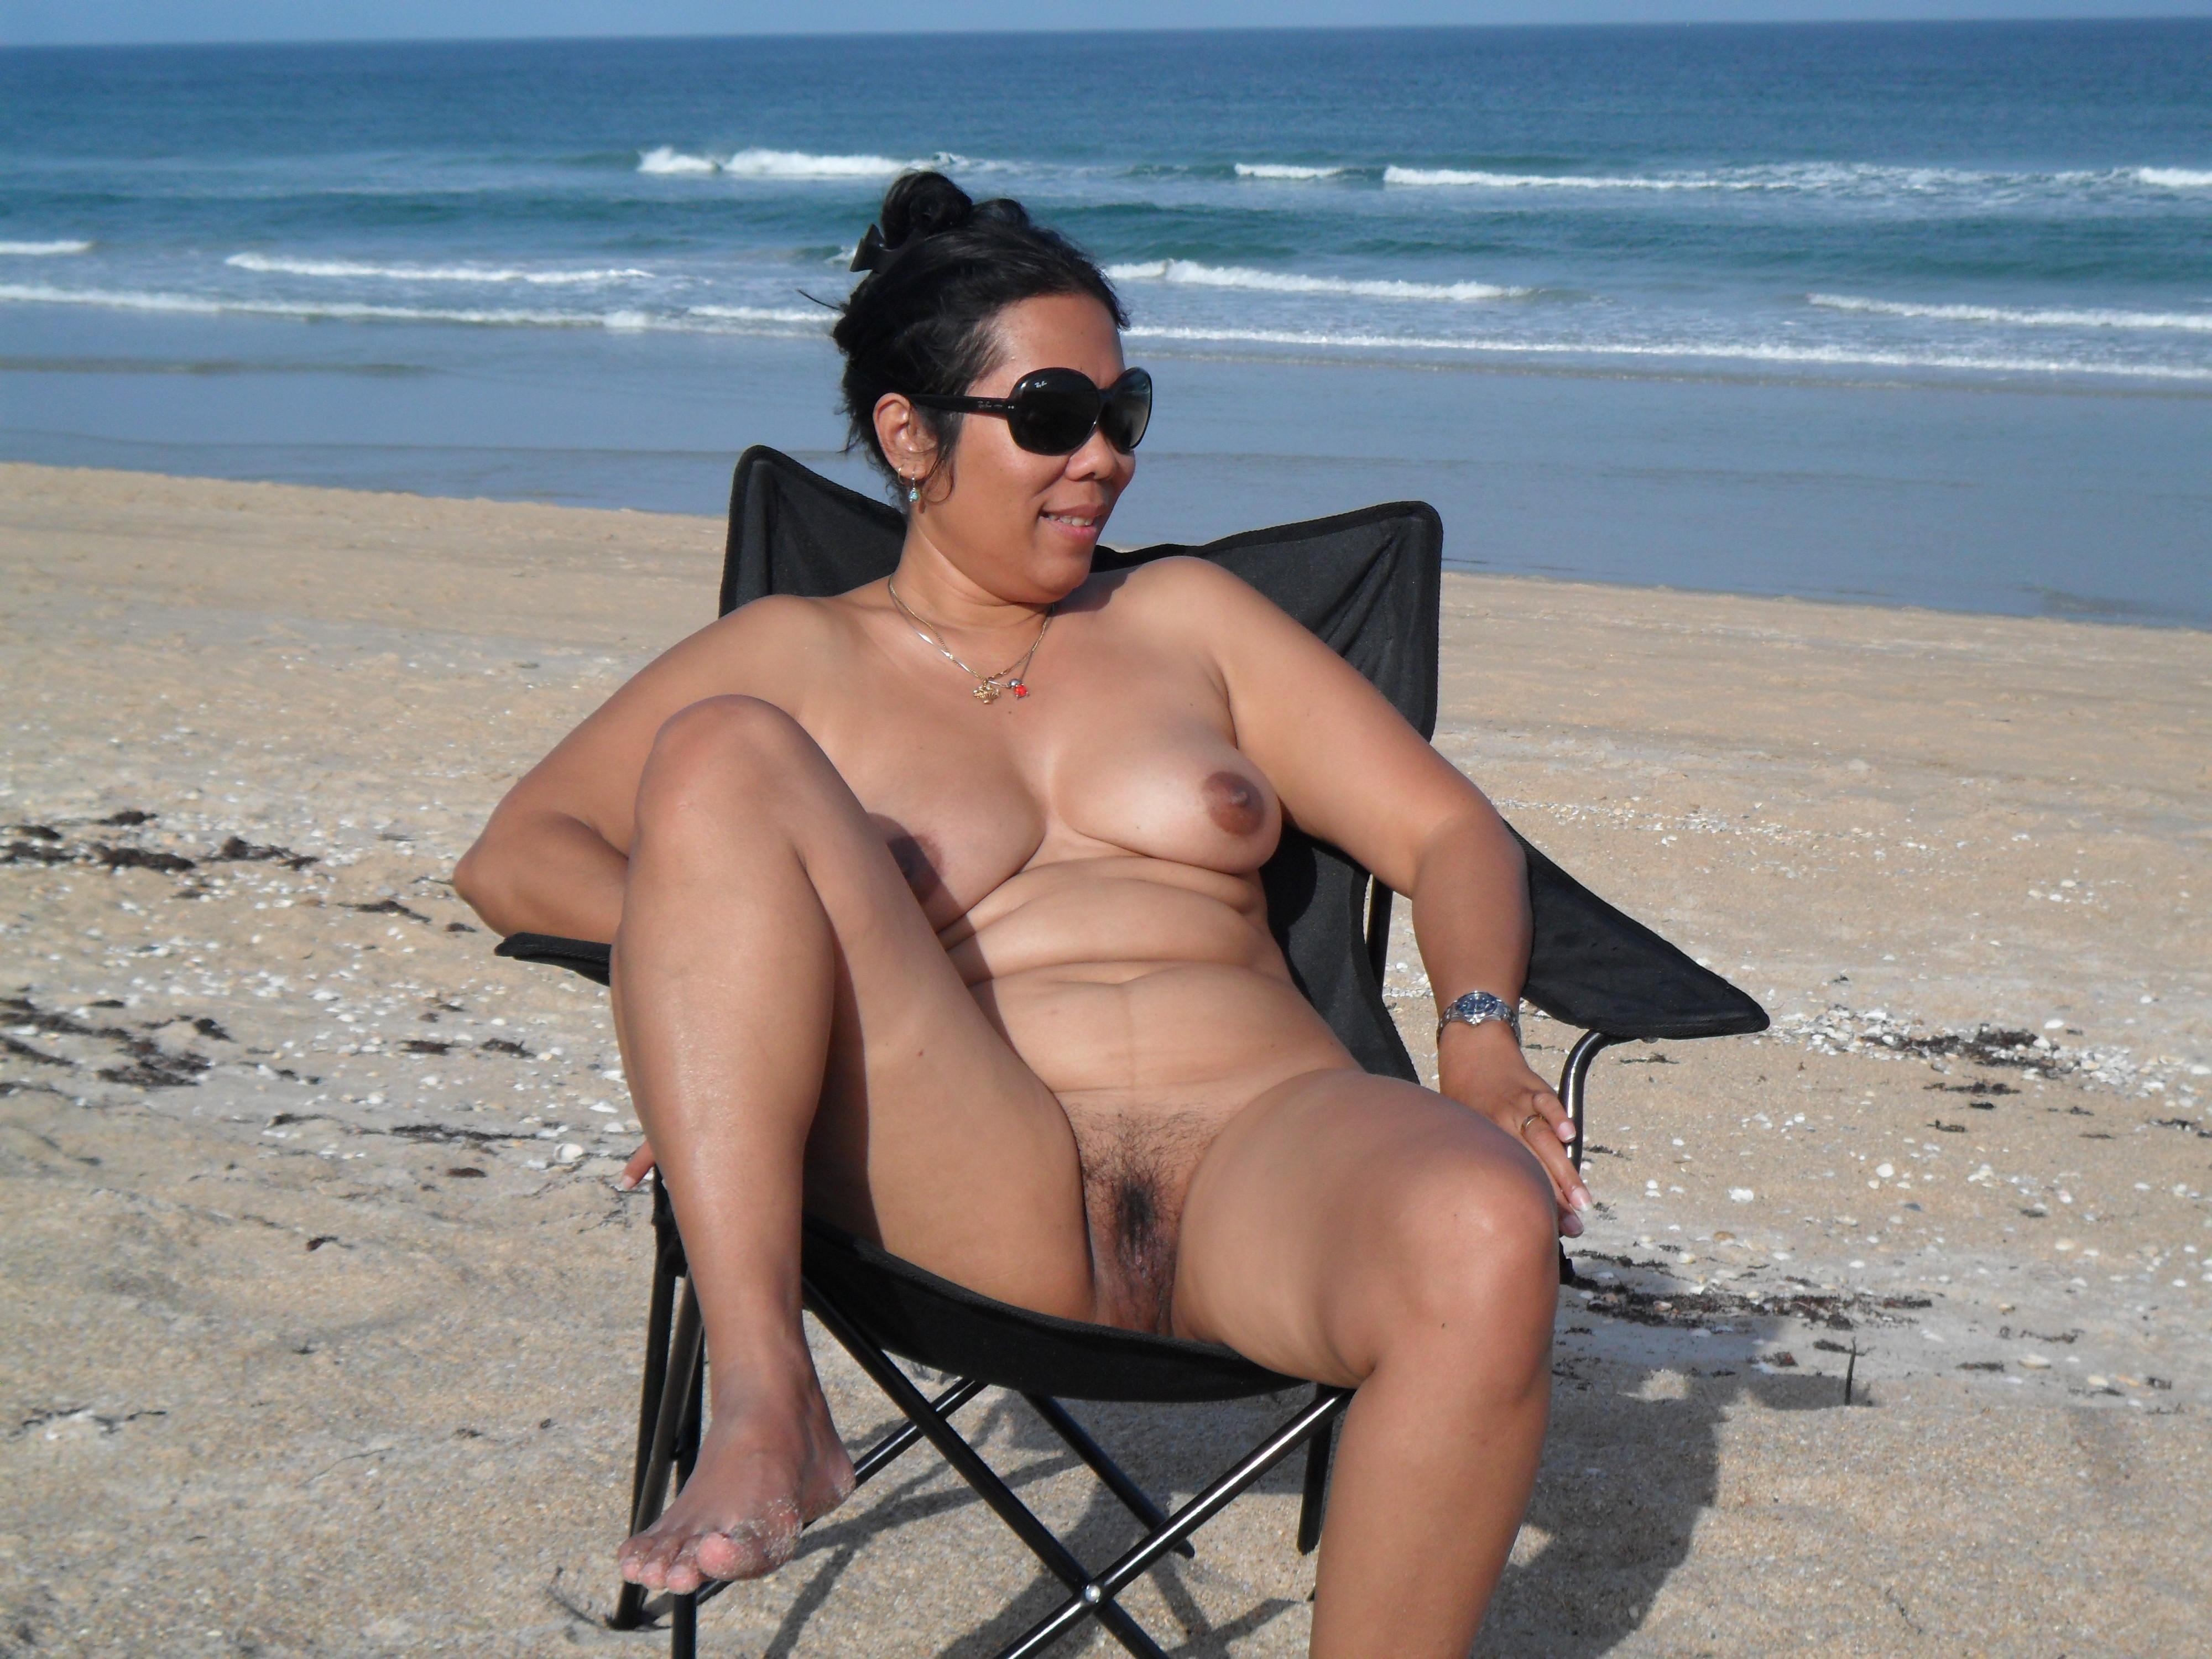 VIVIAN: Fat naked ladies at beach